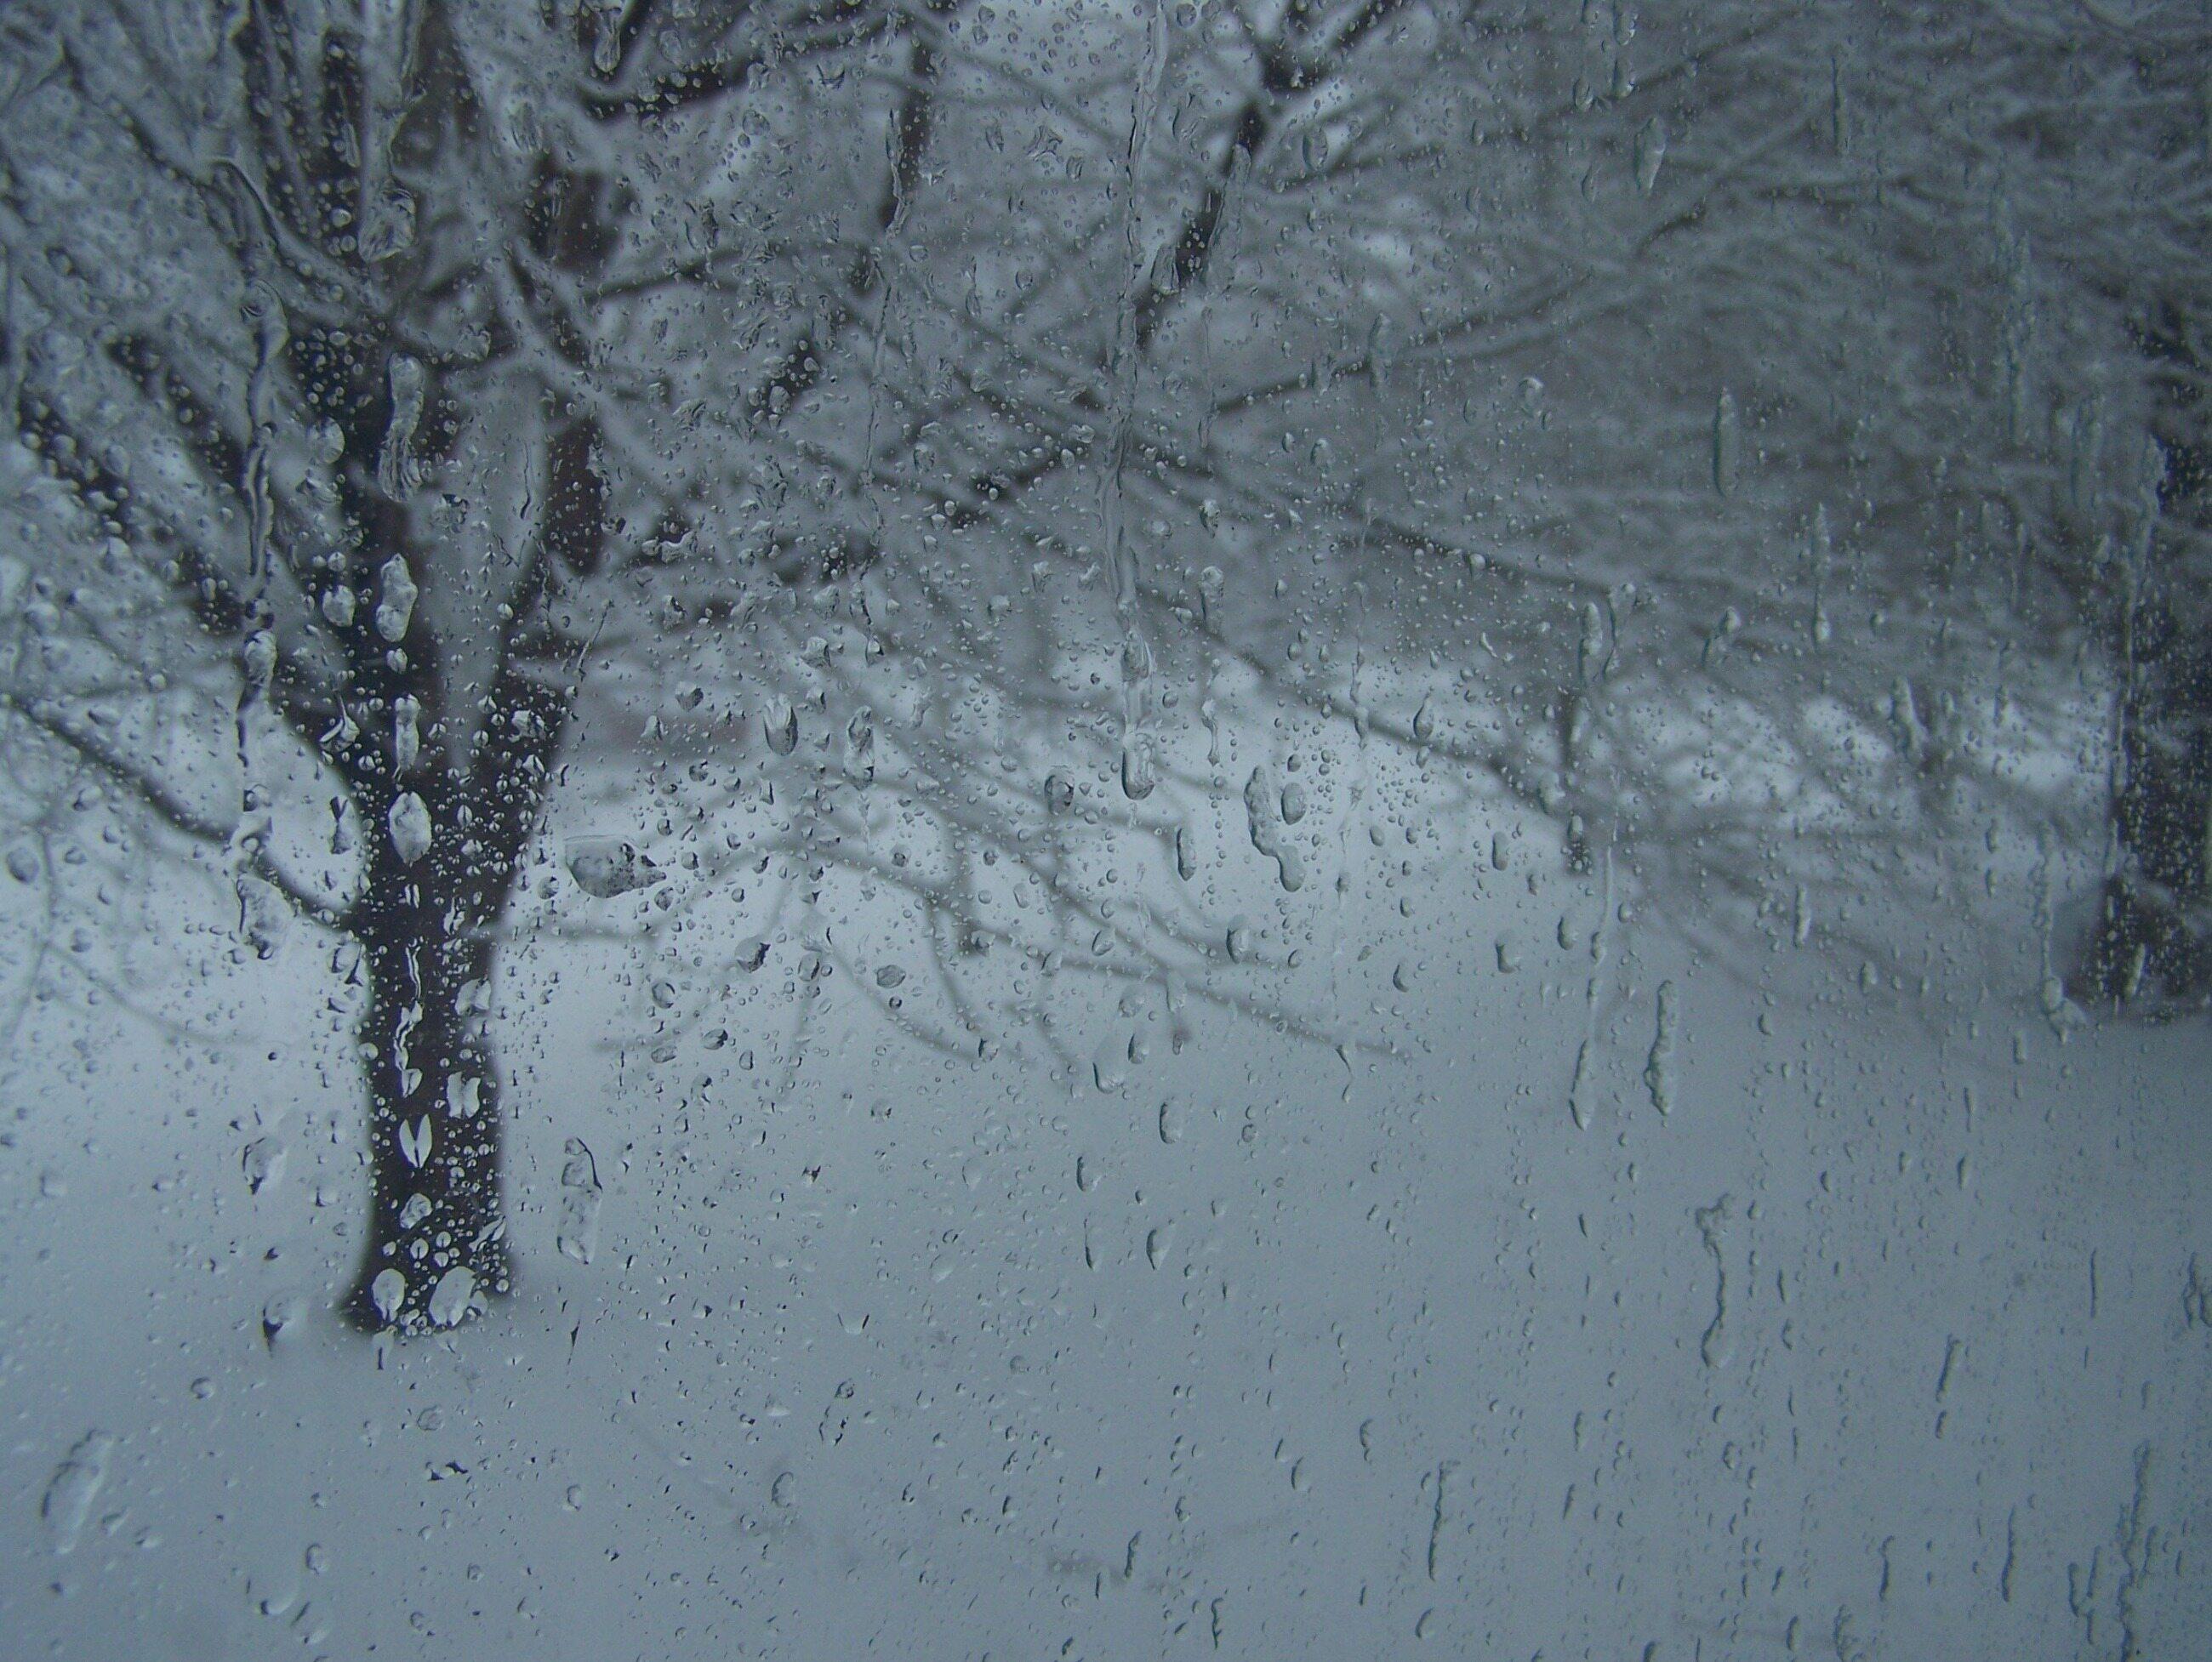 Śnieg z deszczem, zdjęcie ilustracyjne